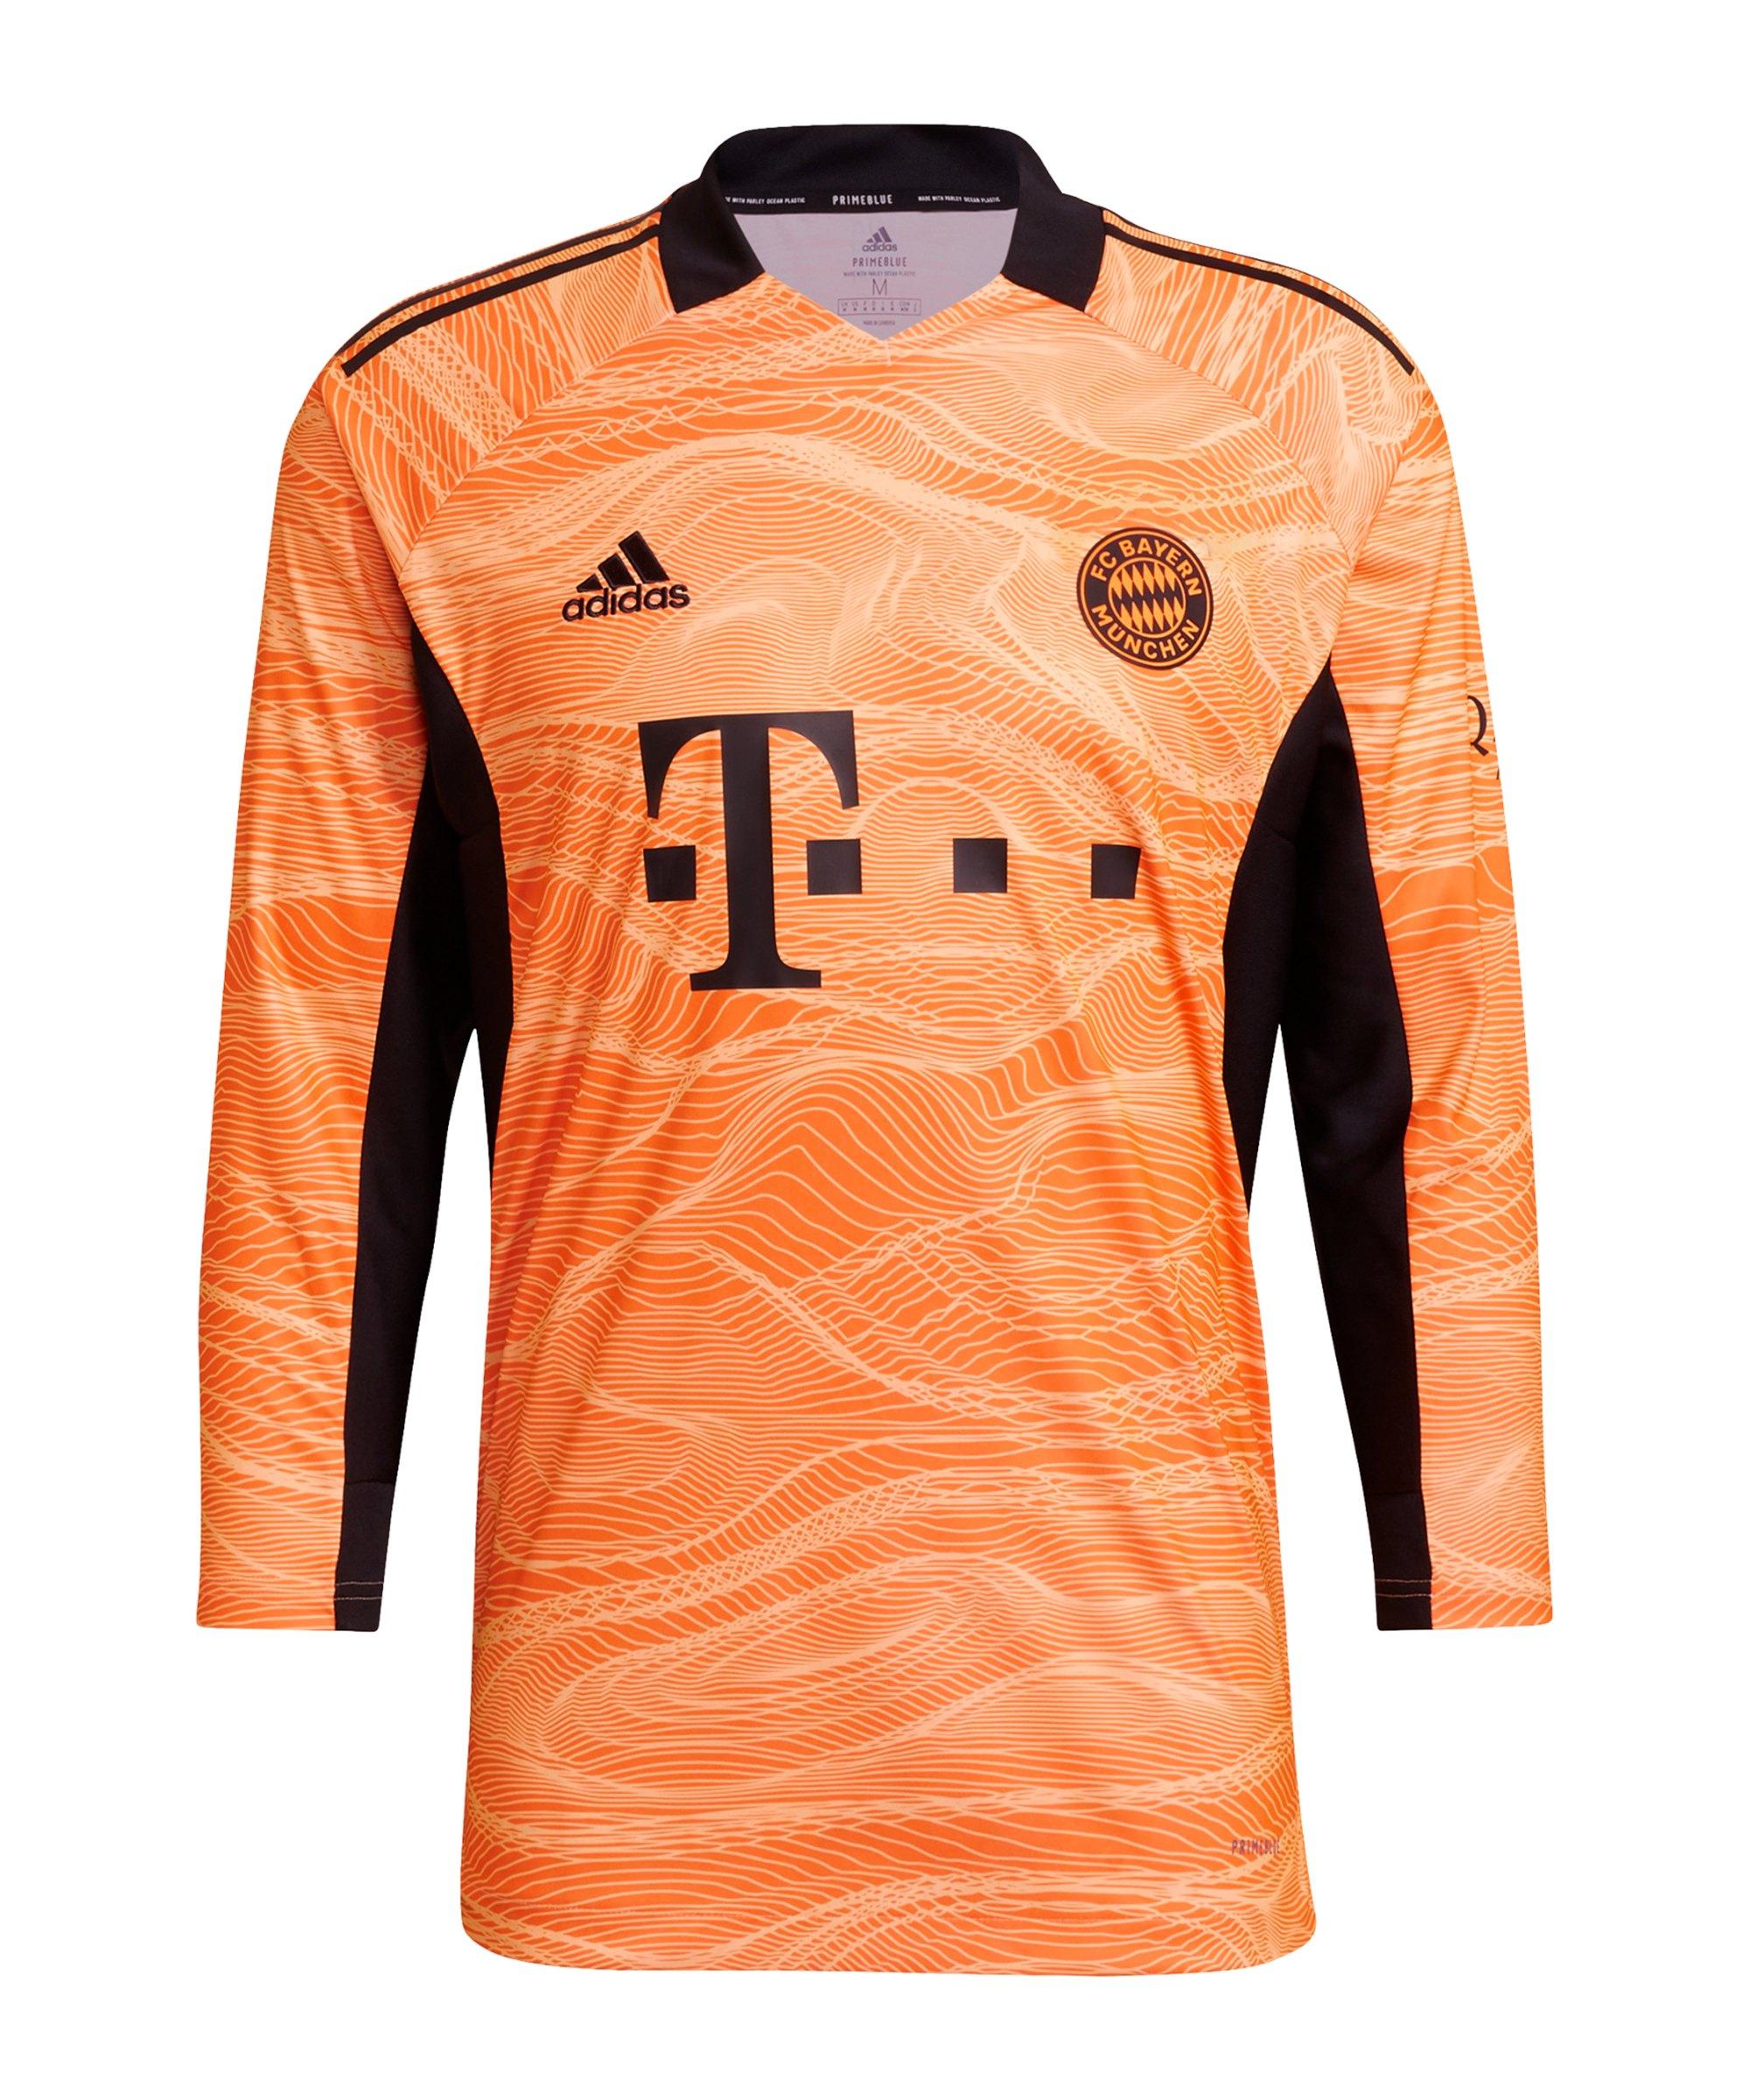 adidas FC Bayern München TW-Trikot 2021/2022 Orange - orange